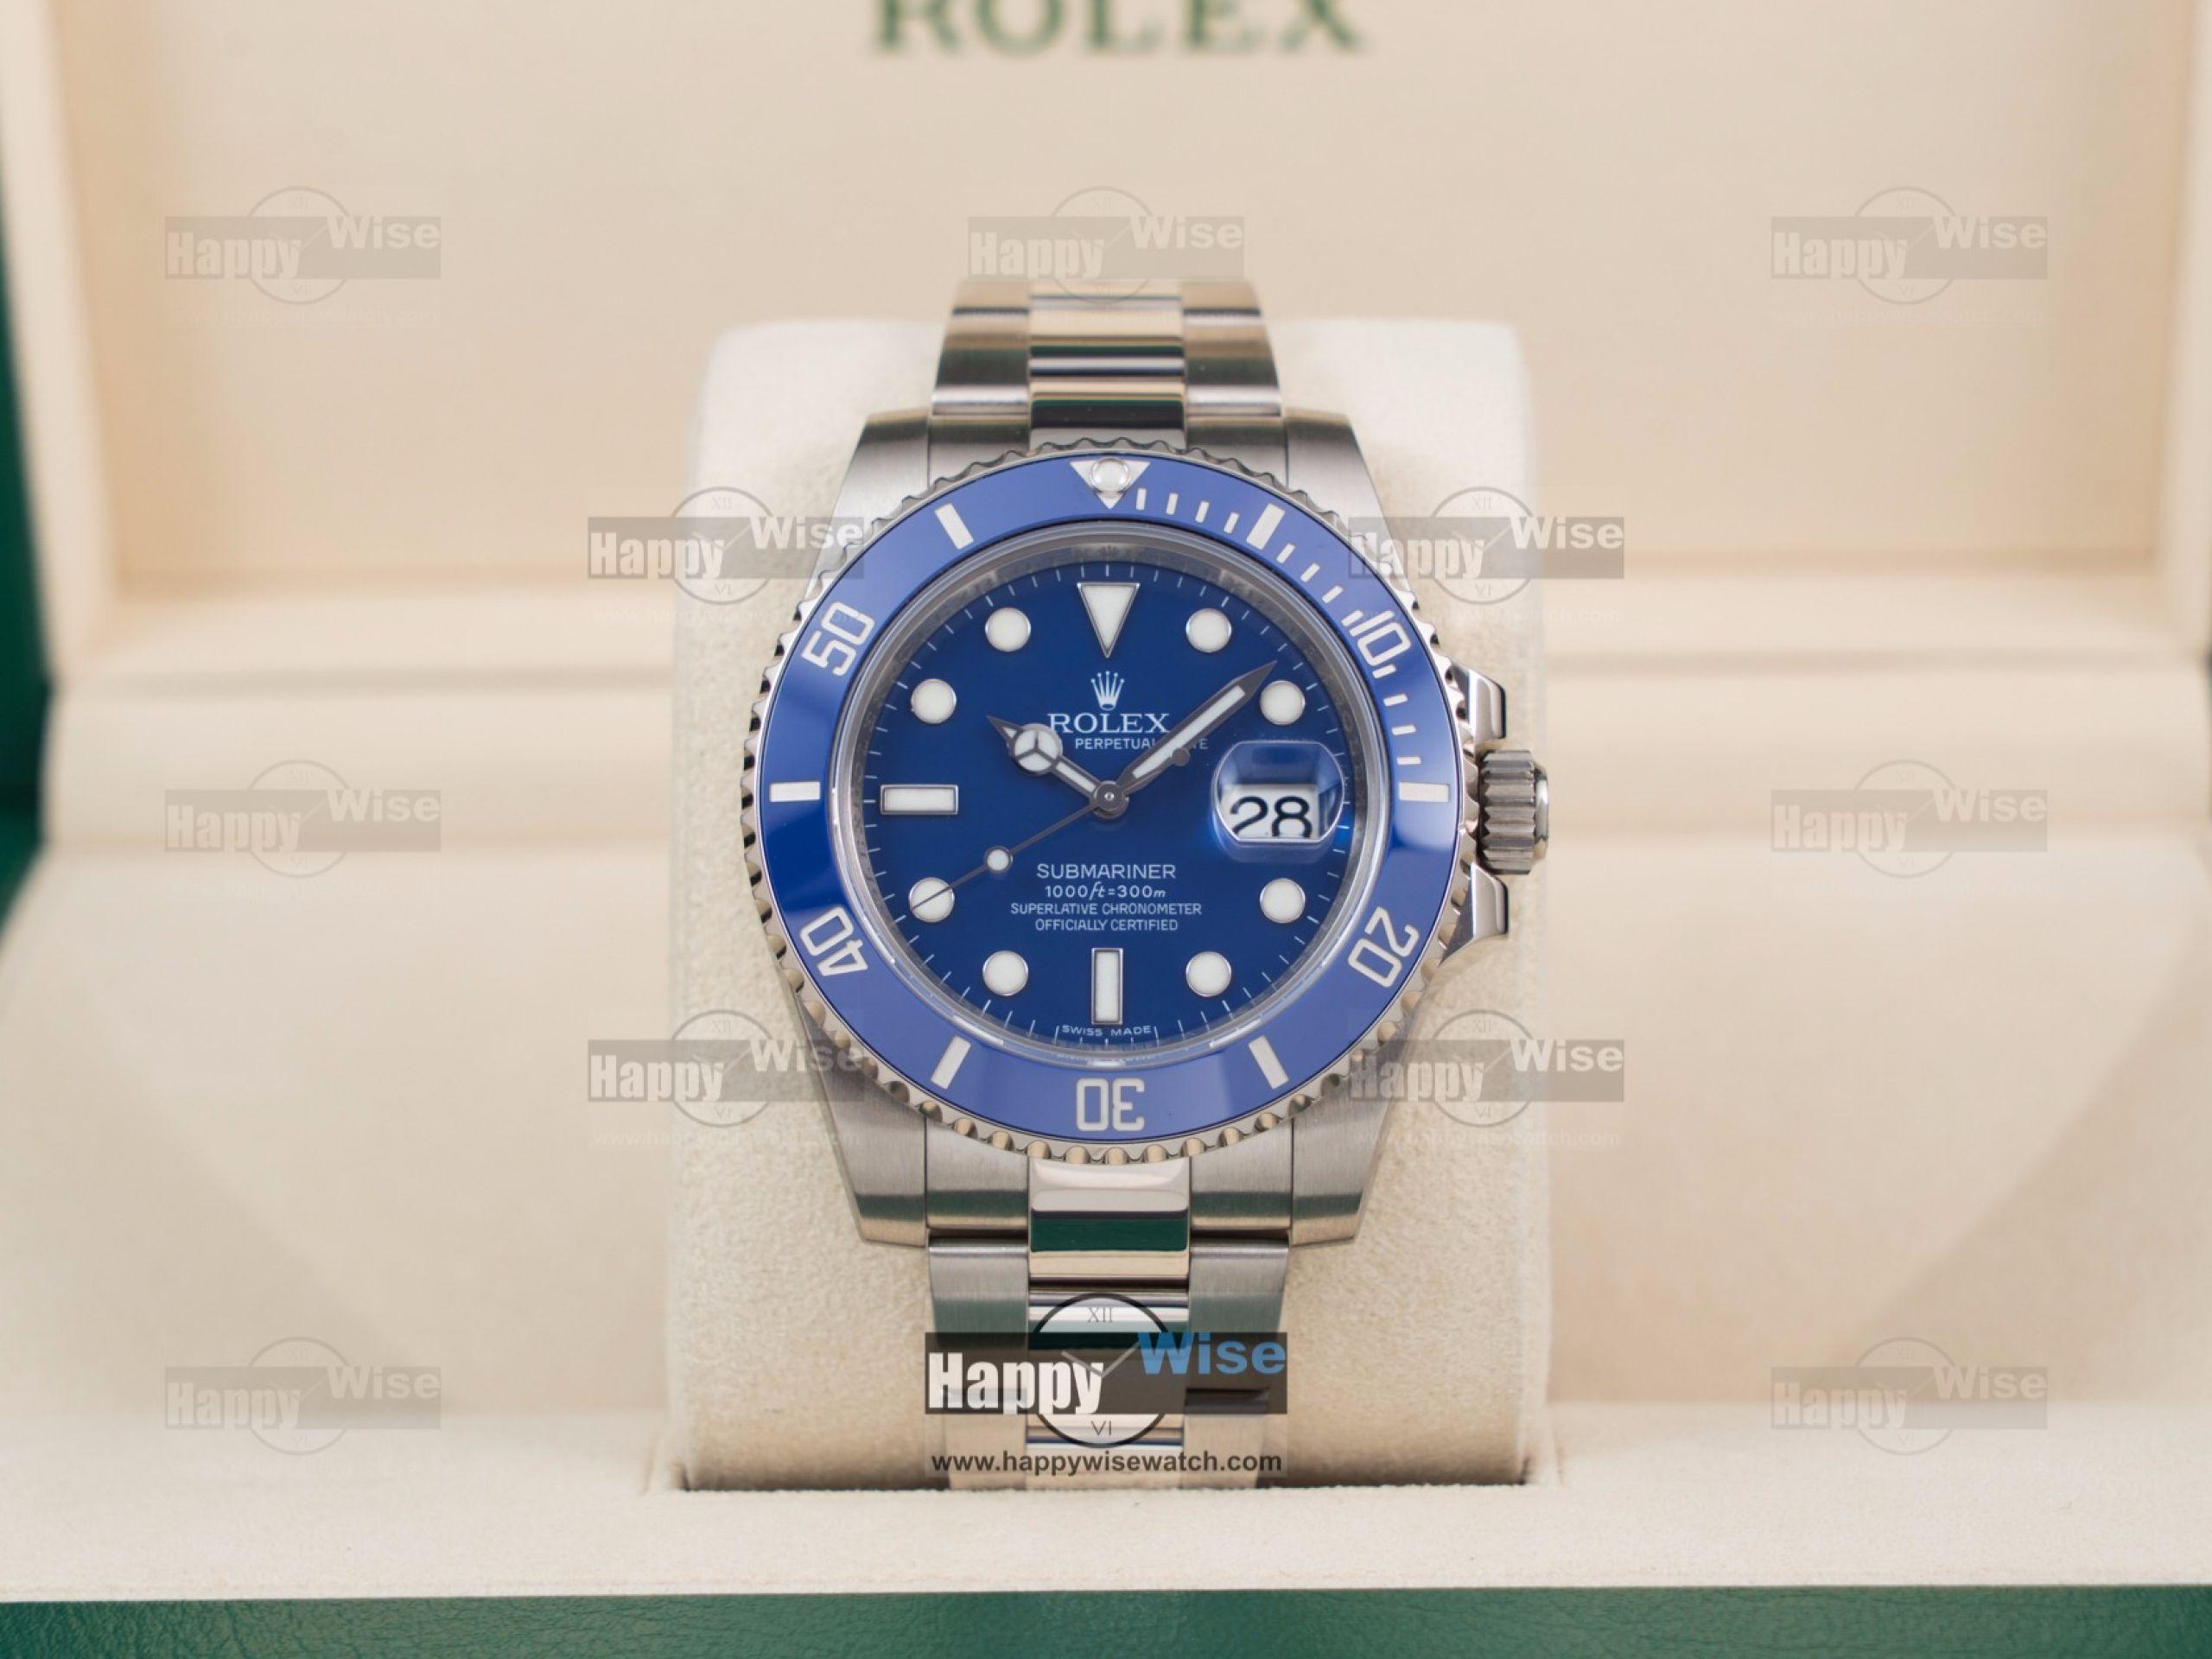 Rolex Submariner  Model: 116619LB